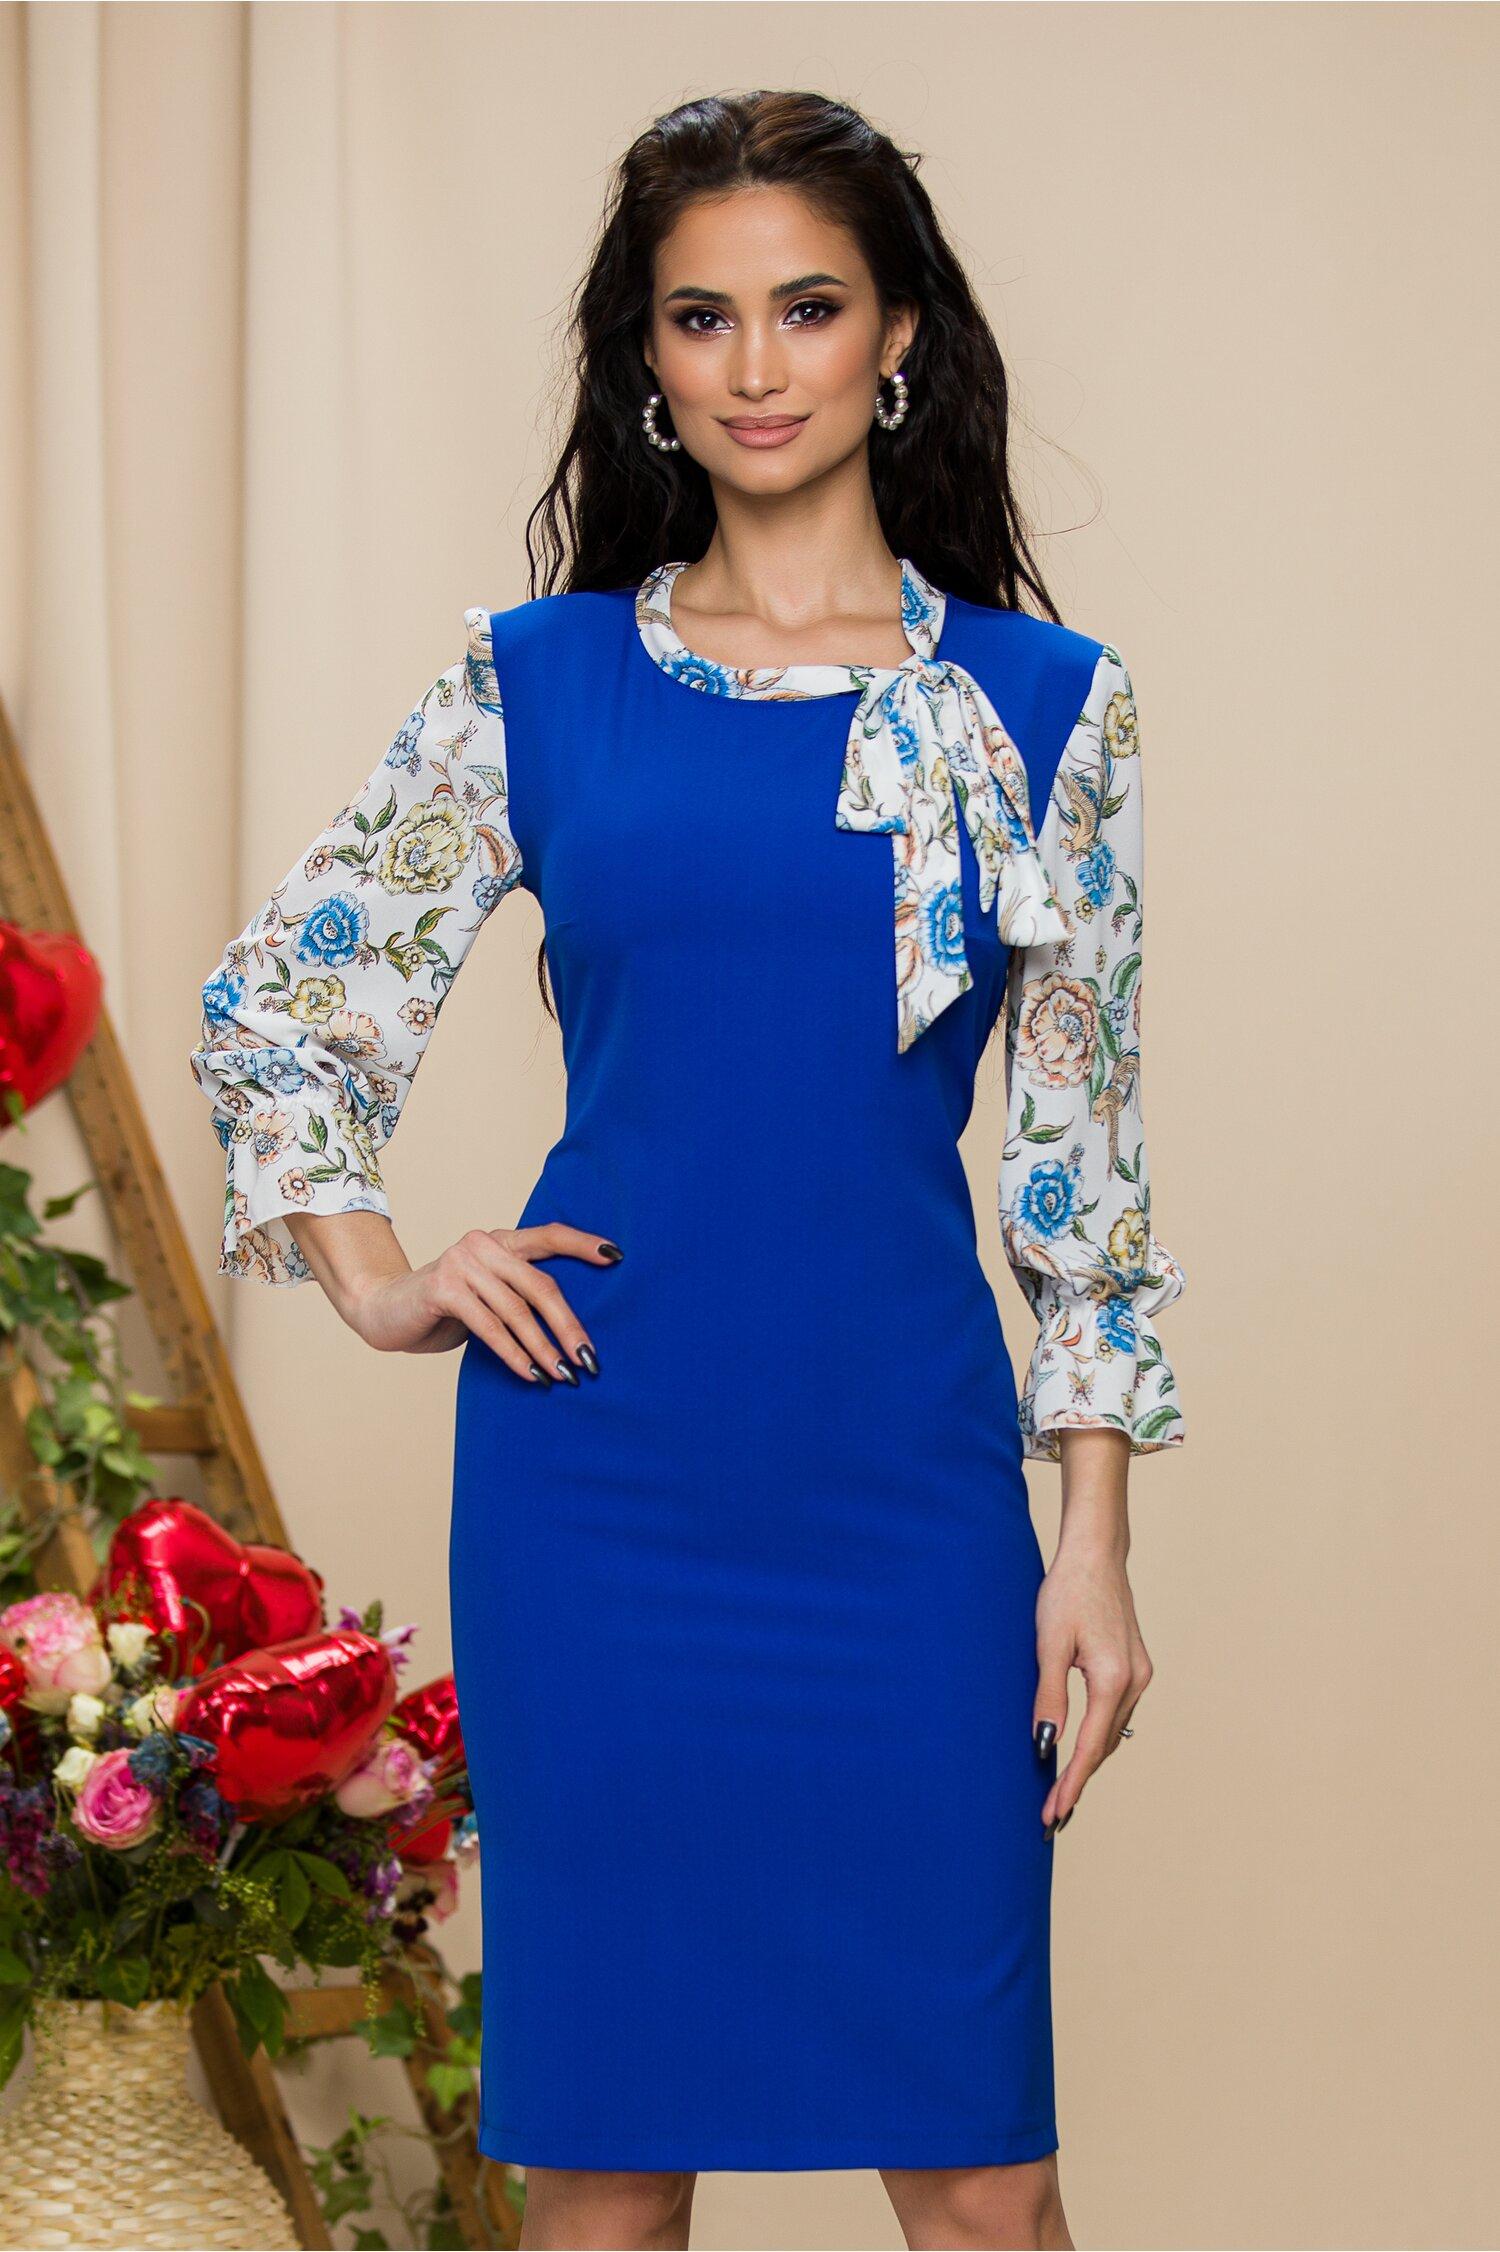 Rochie Erika albastra cu maneci si guler albe cu imprimeu floral